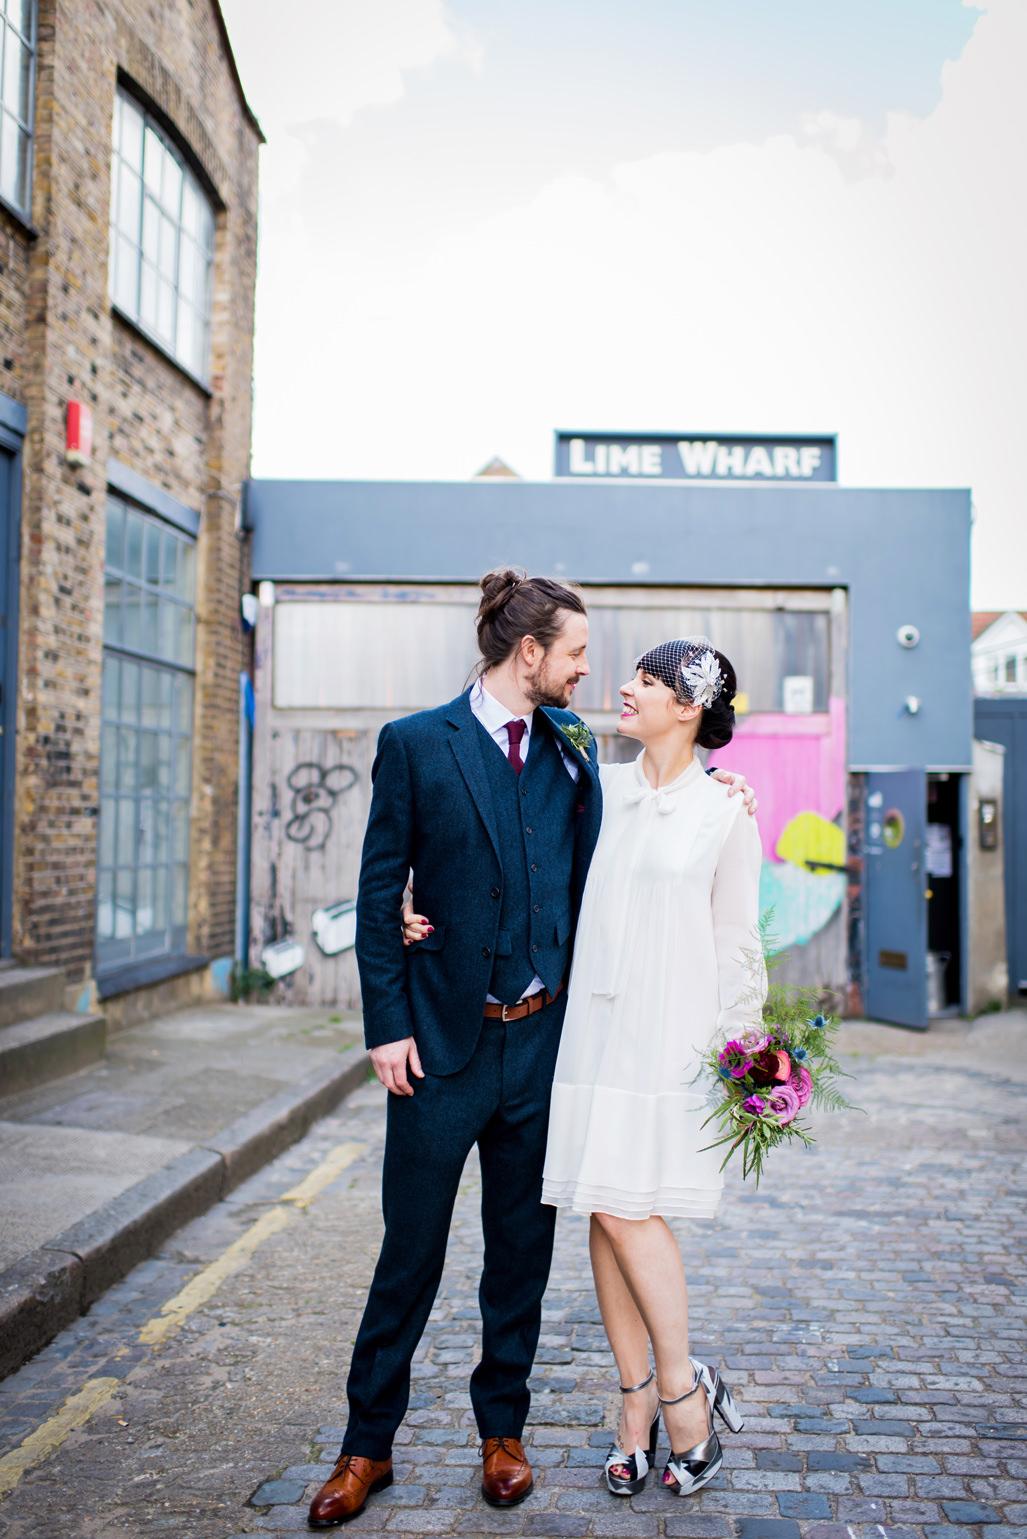 nottingham-relaxed-wedding-photographer026.jpg